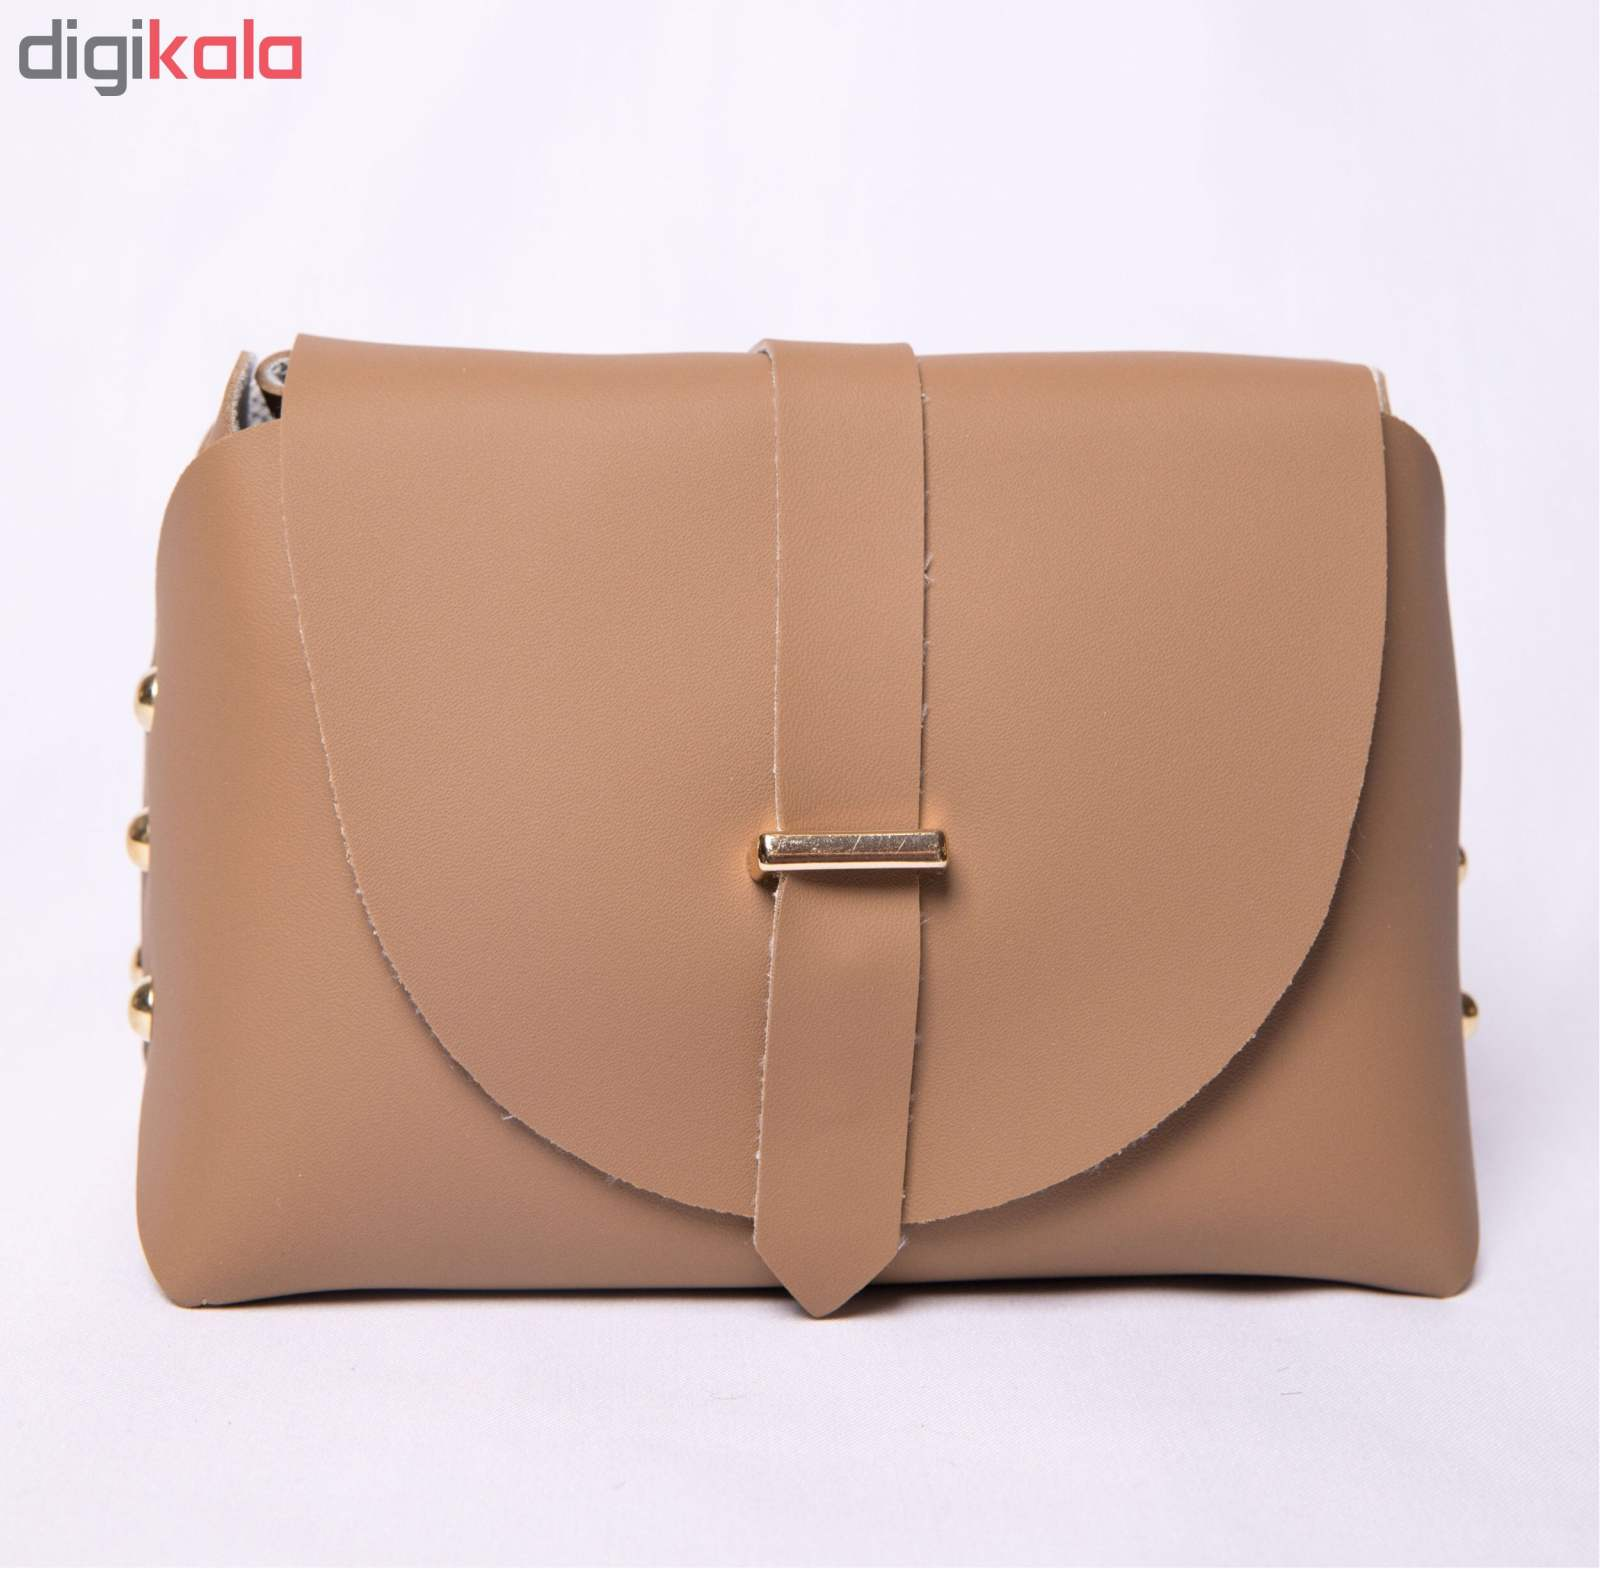 کیف دوشی زنانه مدل روشا -  - 12